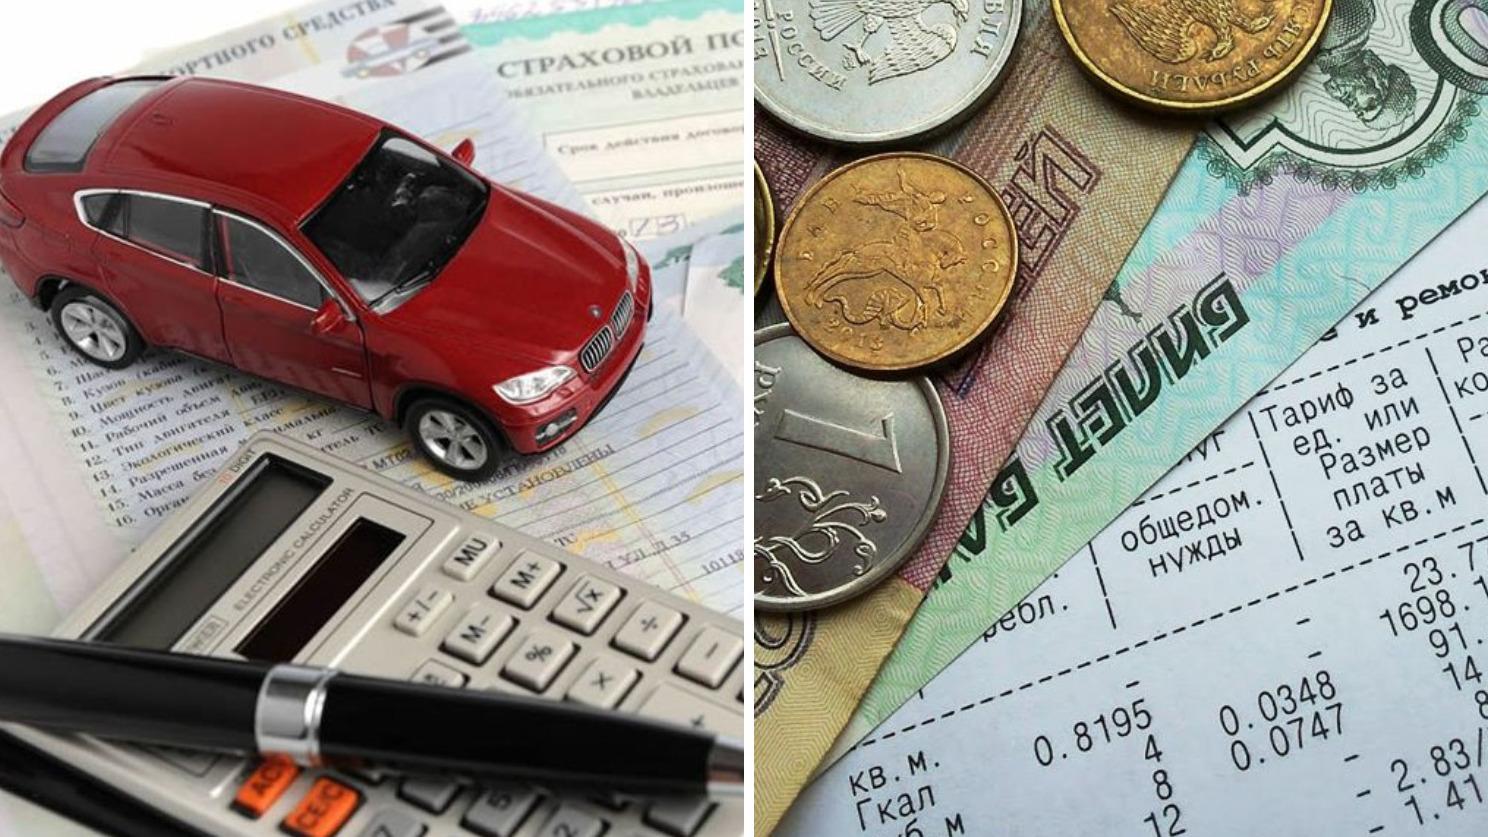 Новое ОСАГО и рост цен на ЖКХ. Что изменится в жизни россиян с 1 июля